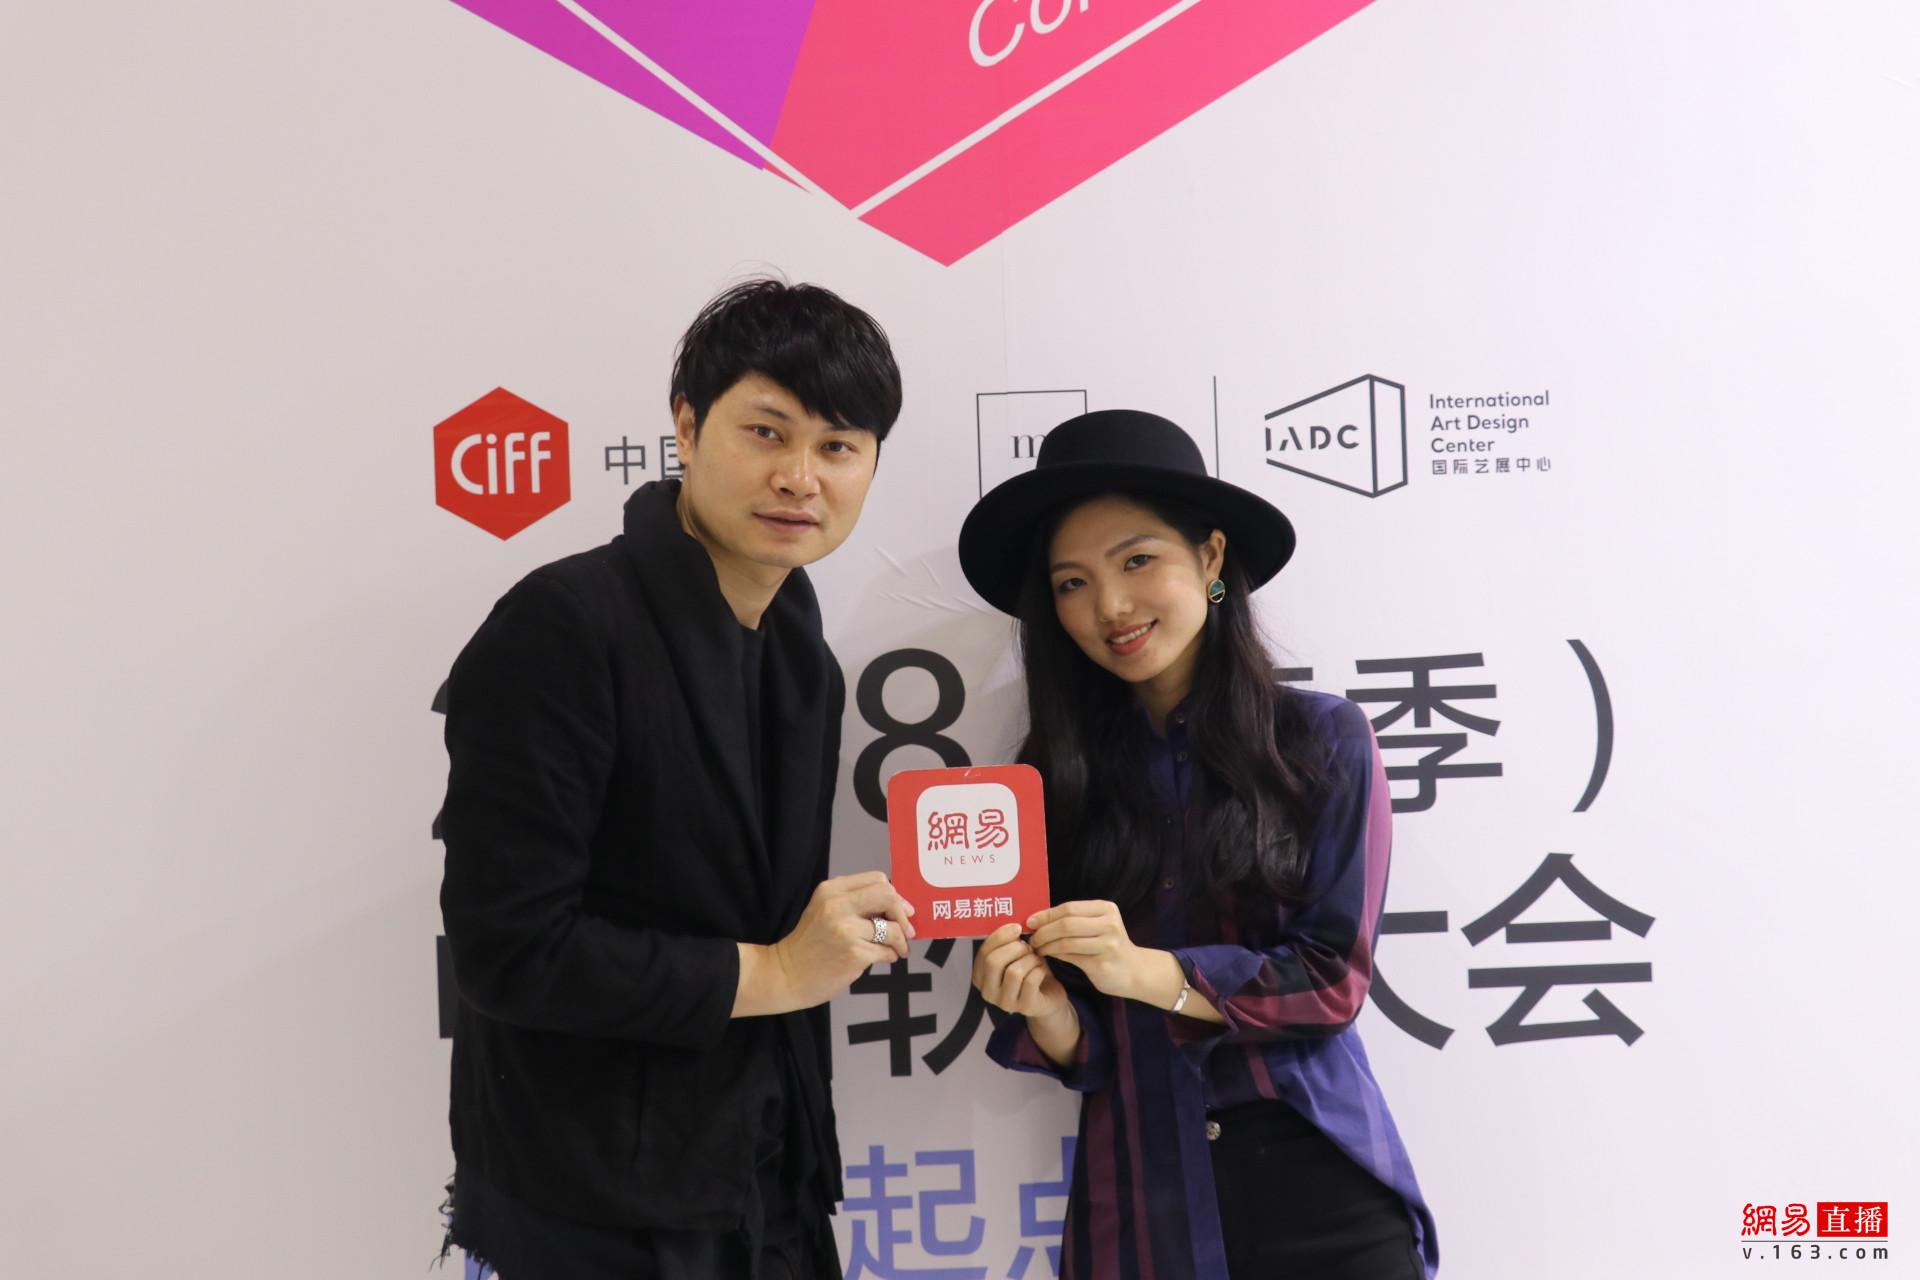 简末创始人王鸿&张沙对品牌进行了诠释:我们希望通过这个品牌及作品传达当代的生活场景、回归可面对面交流的状态。